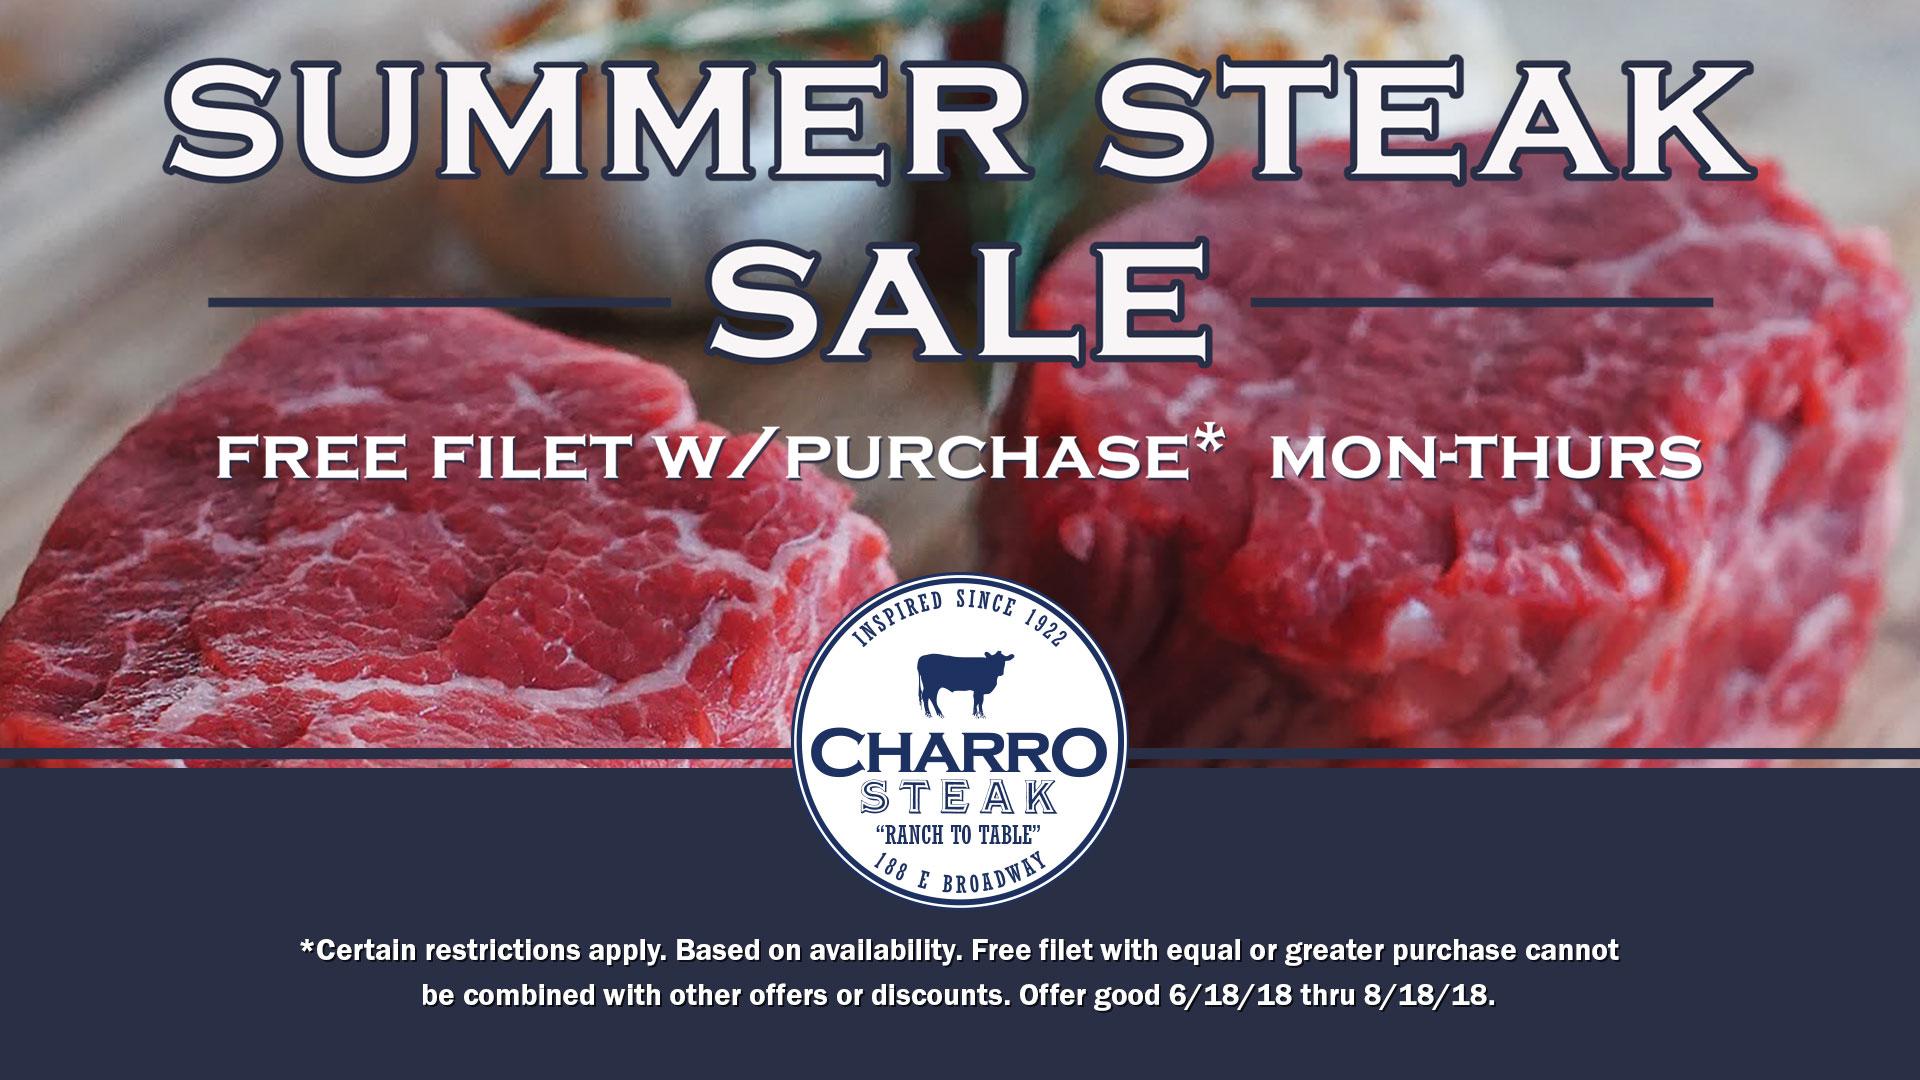 Summer Steak Sale 2018